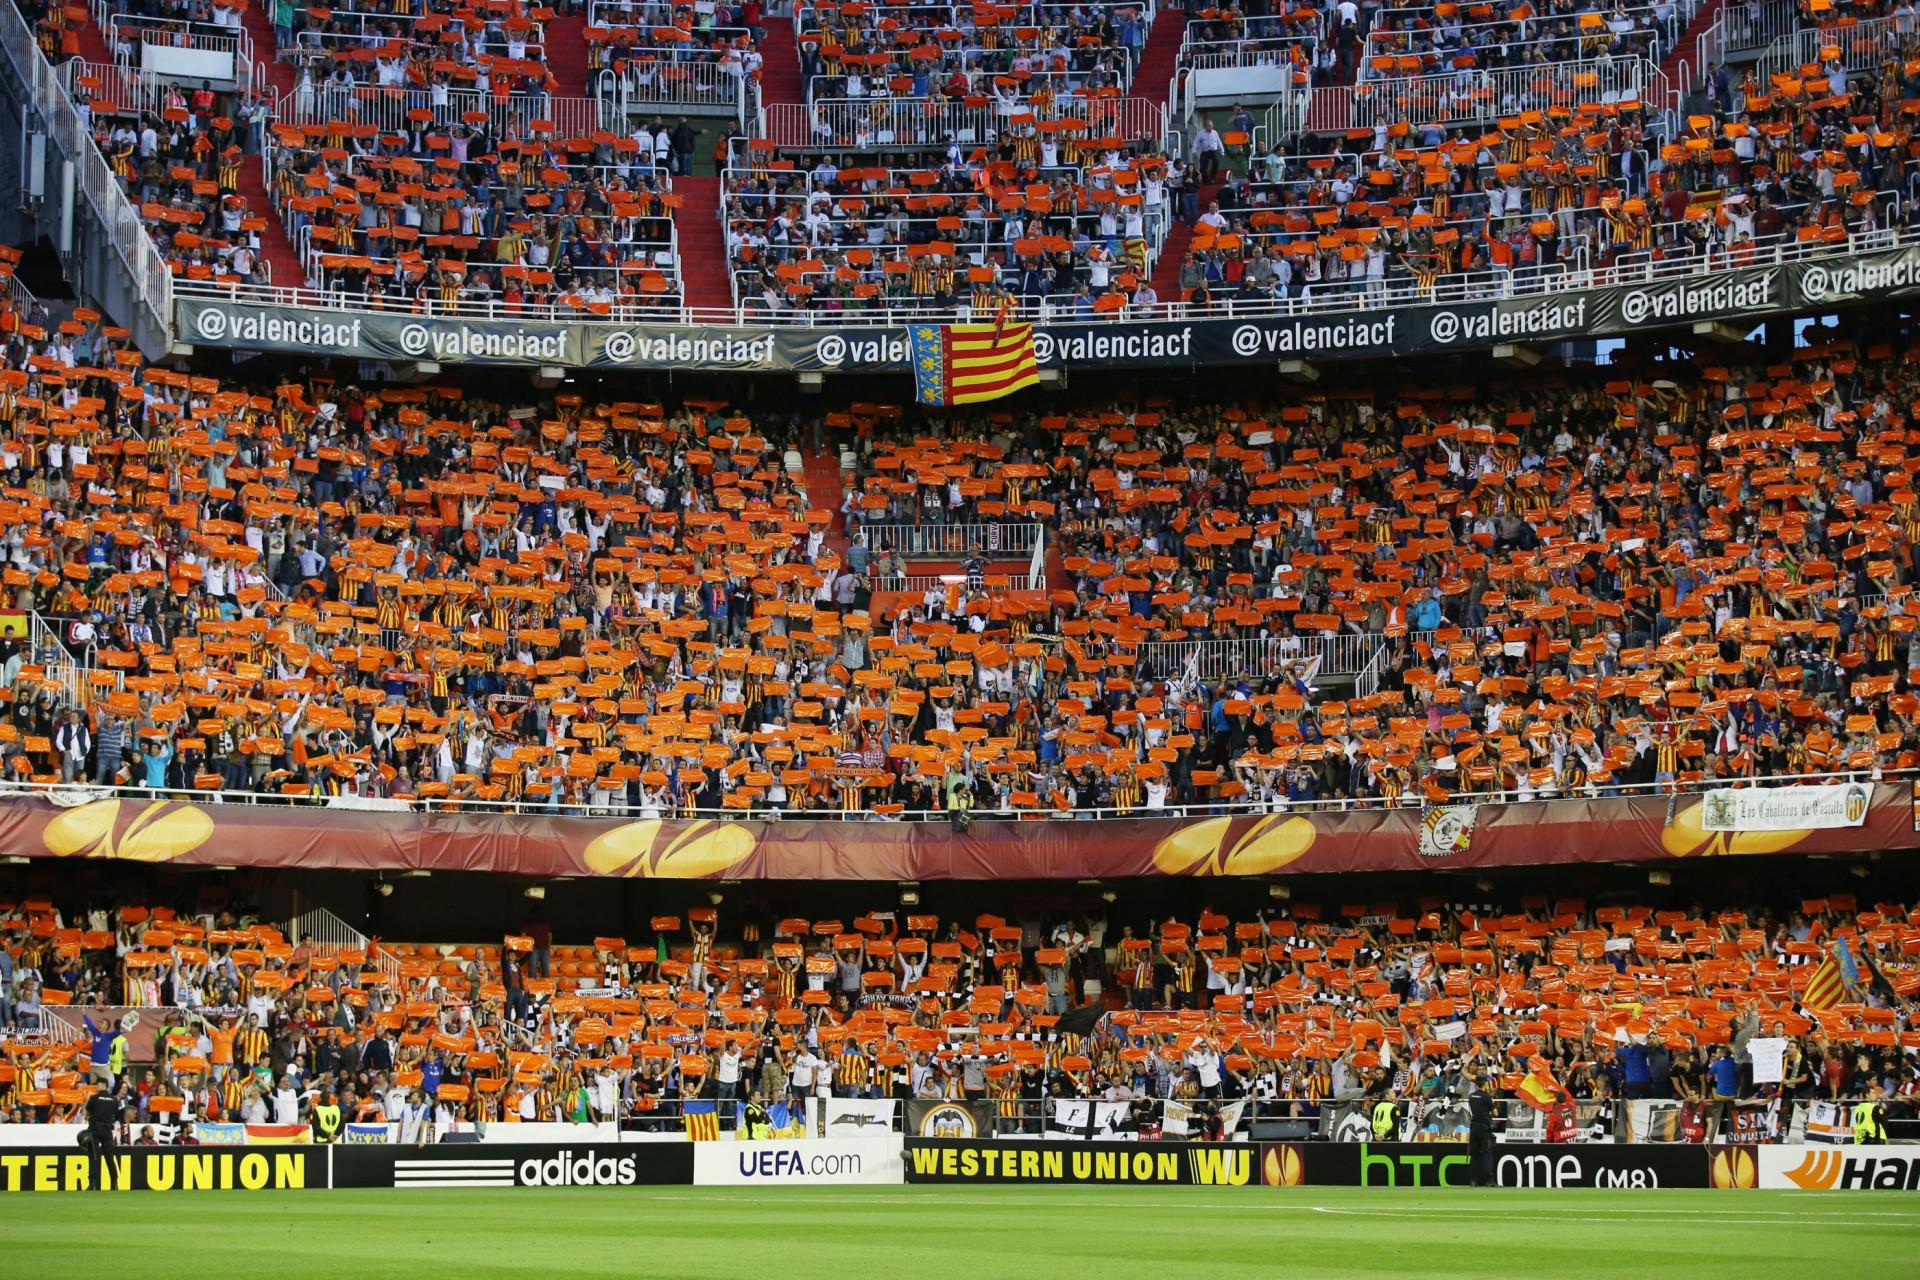 Eis os sete estádios mais intimidantes do mundo, segundo a BBC